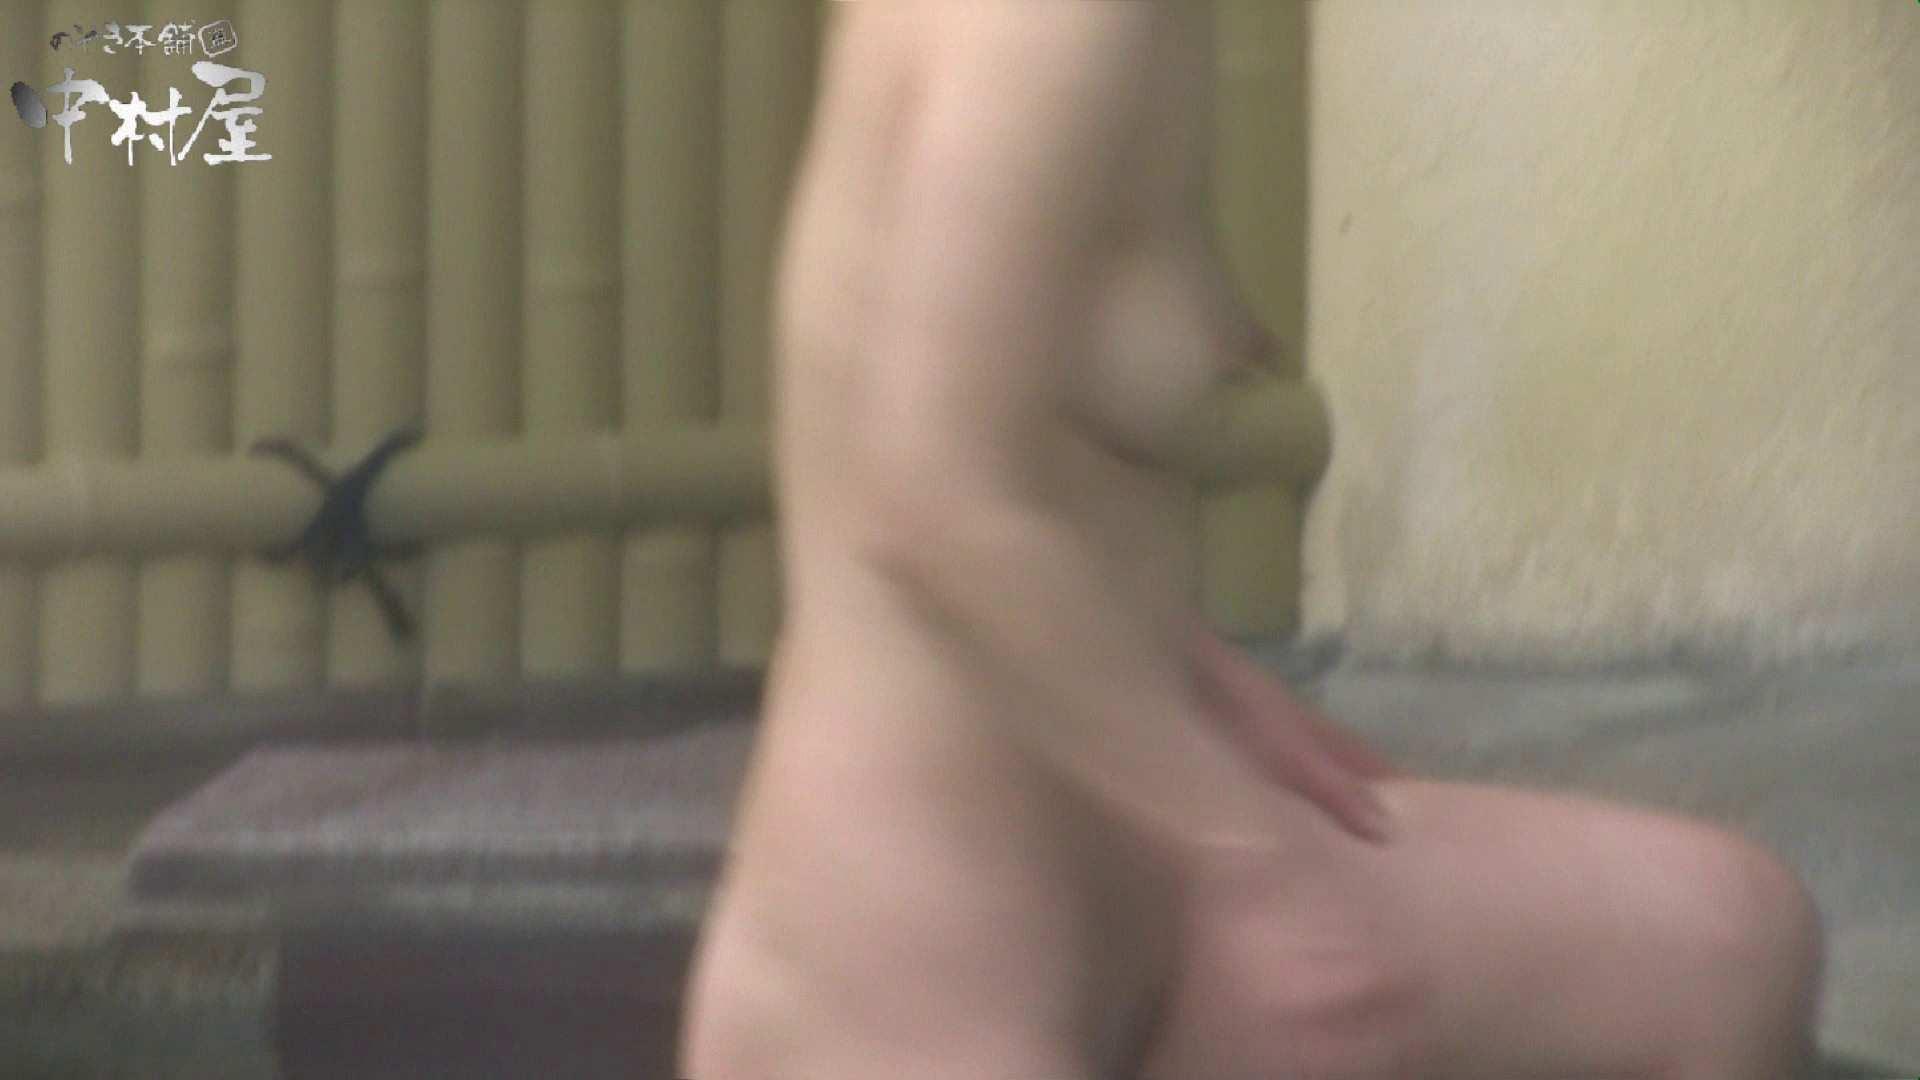 Aquaな露天風呂Vol.927 OLのエロ生活 | 盗撮  89連発 13